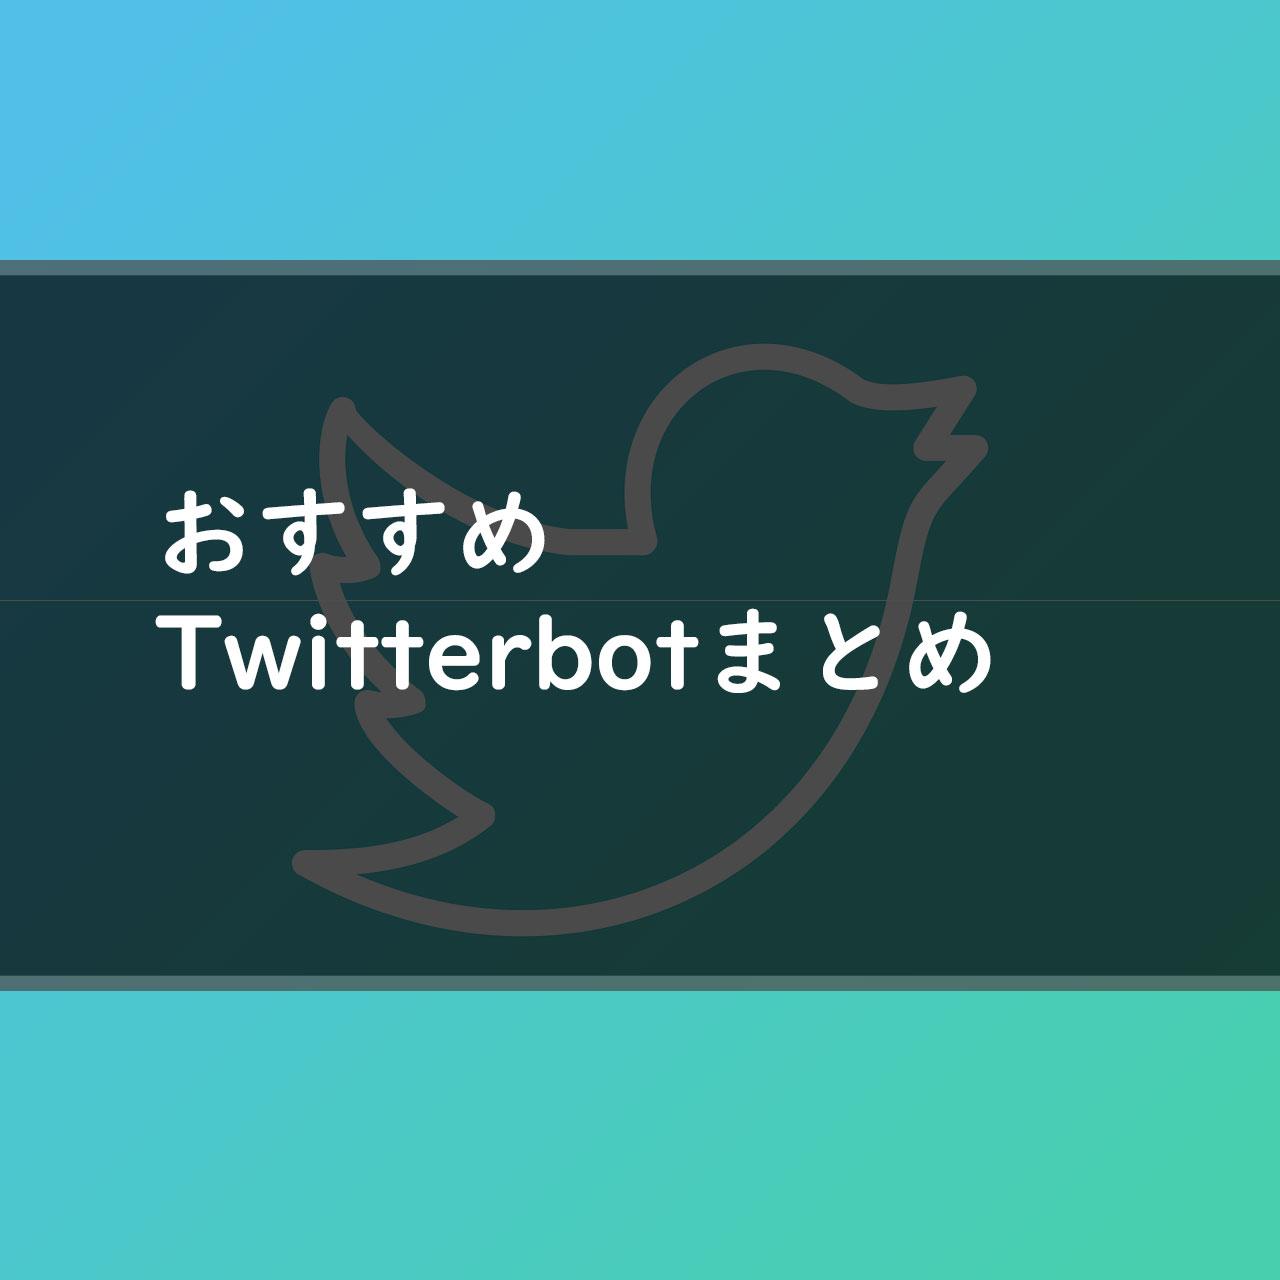 【フォロー必須】おすすめTwitterbotまとめ